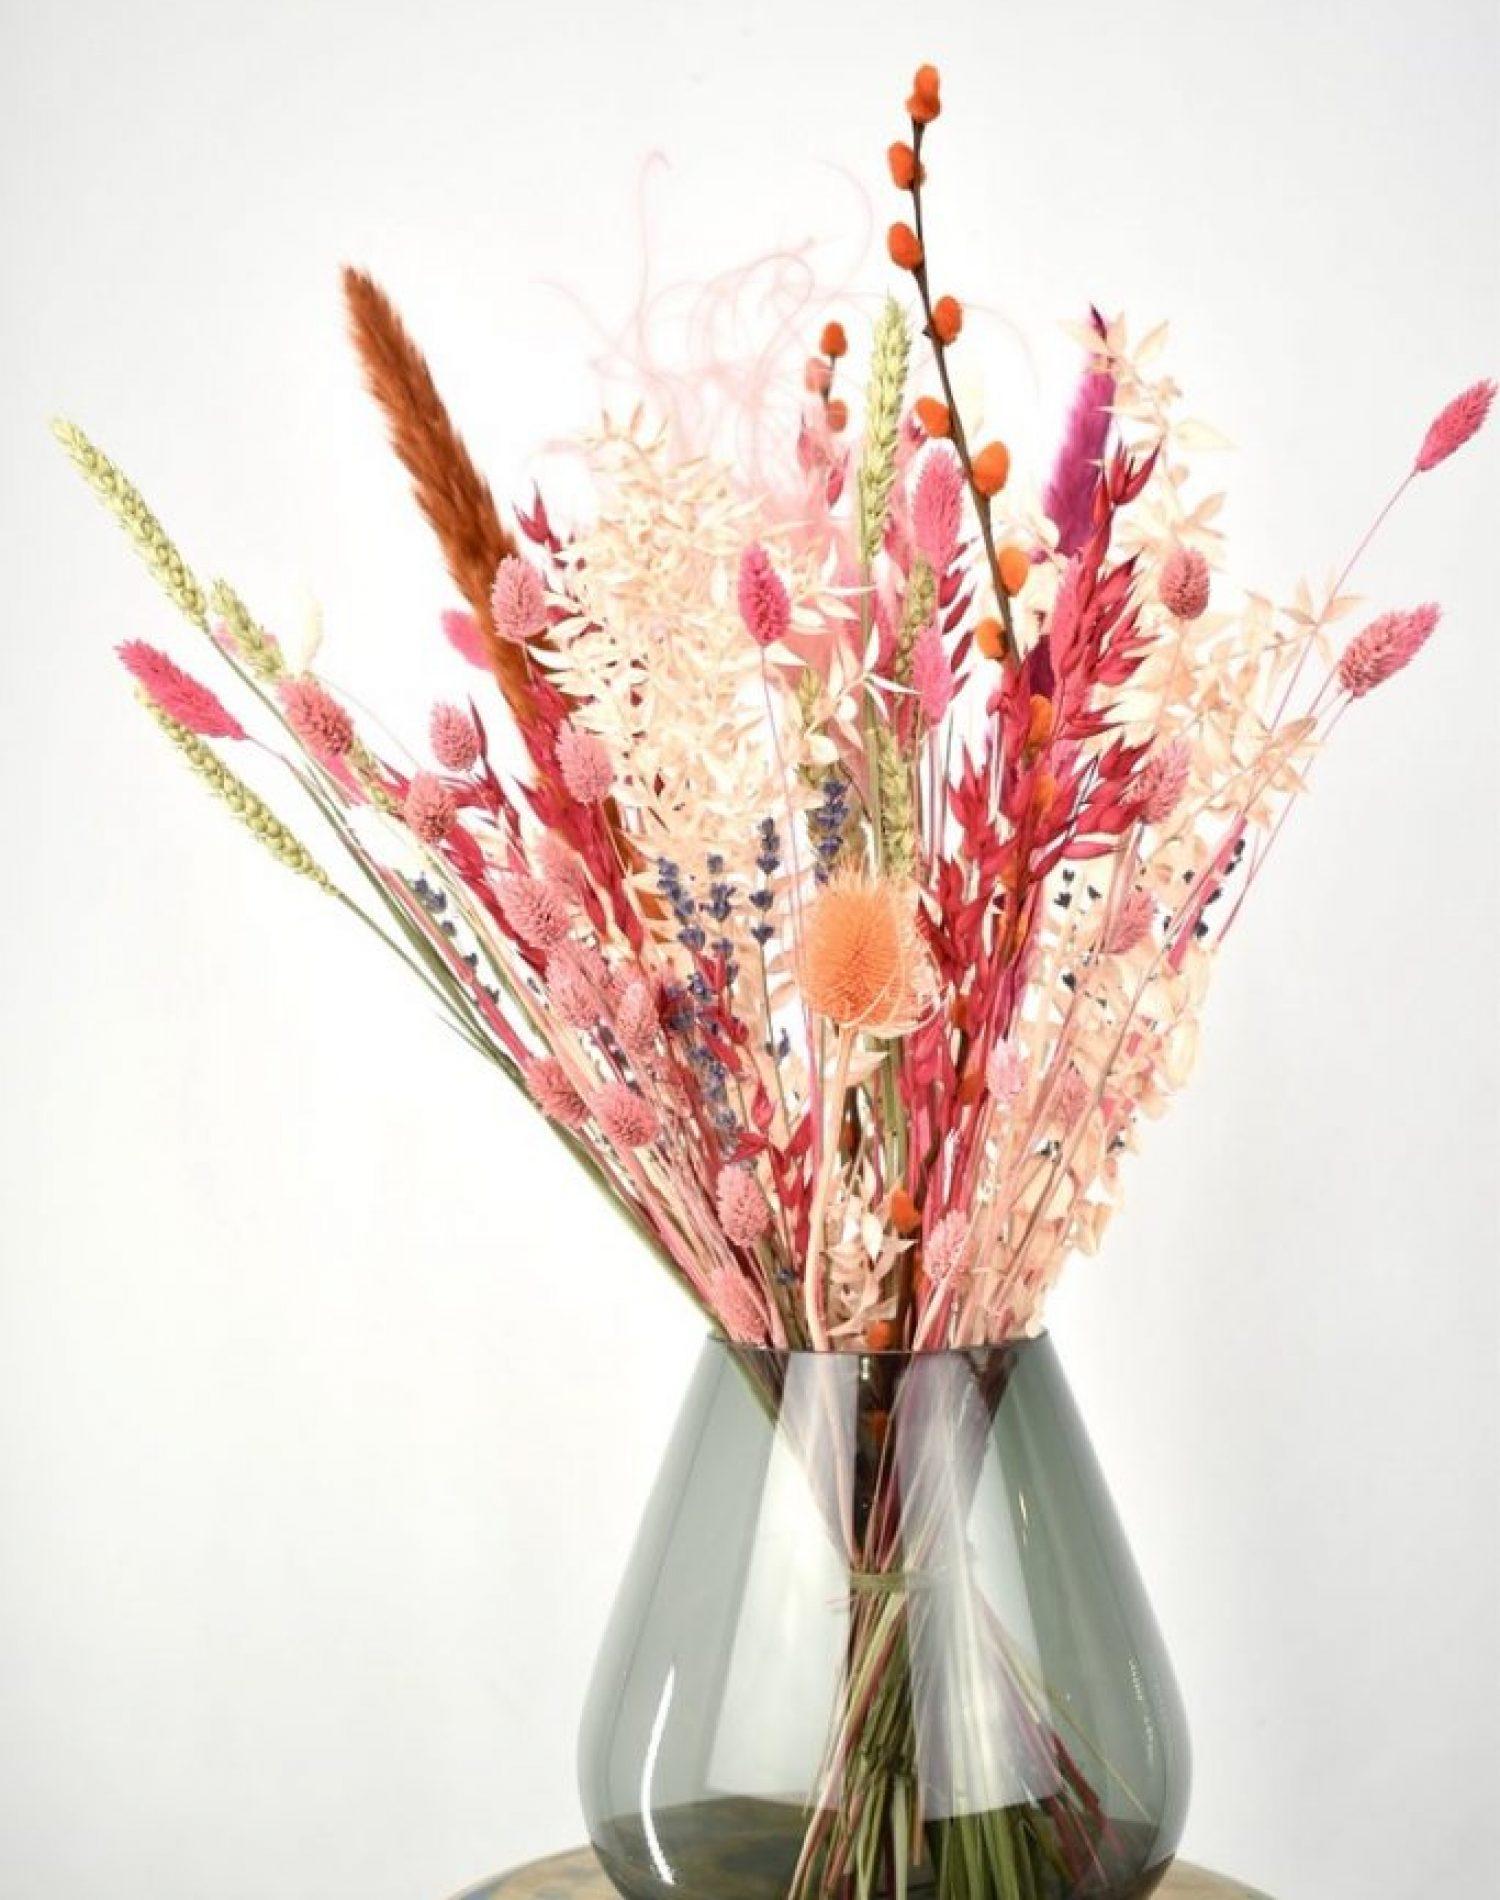 droogbloemen boeket kopen cadeautje